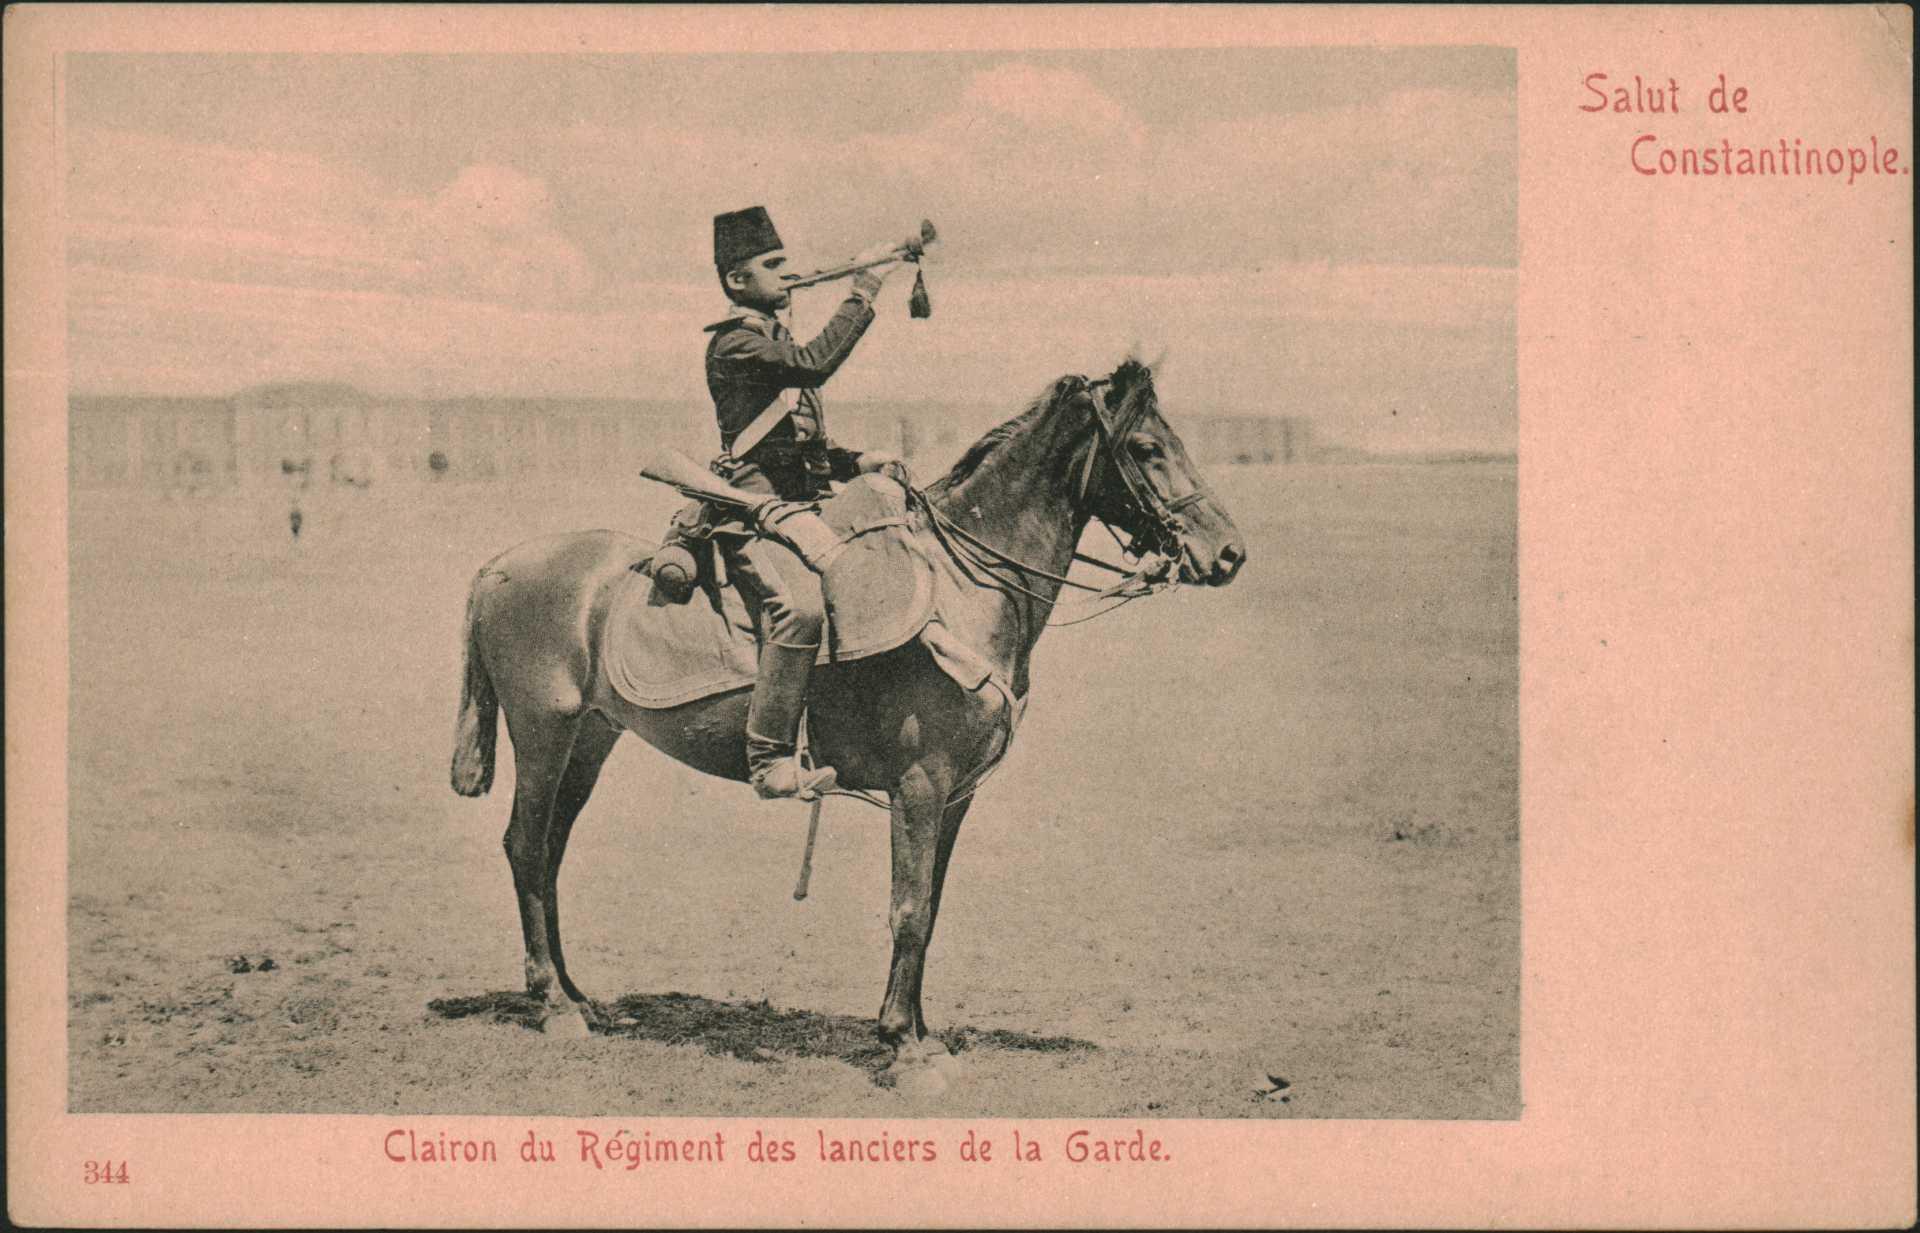 Clairon du Regiment des lanciers de la Garde